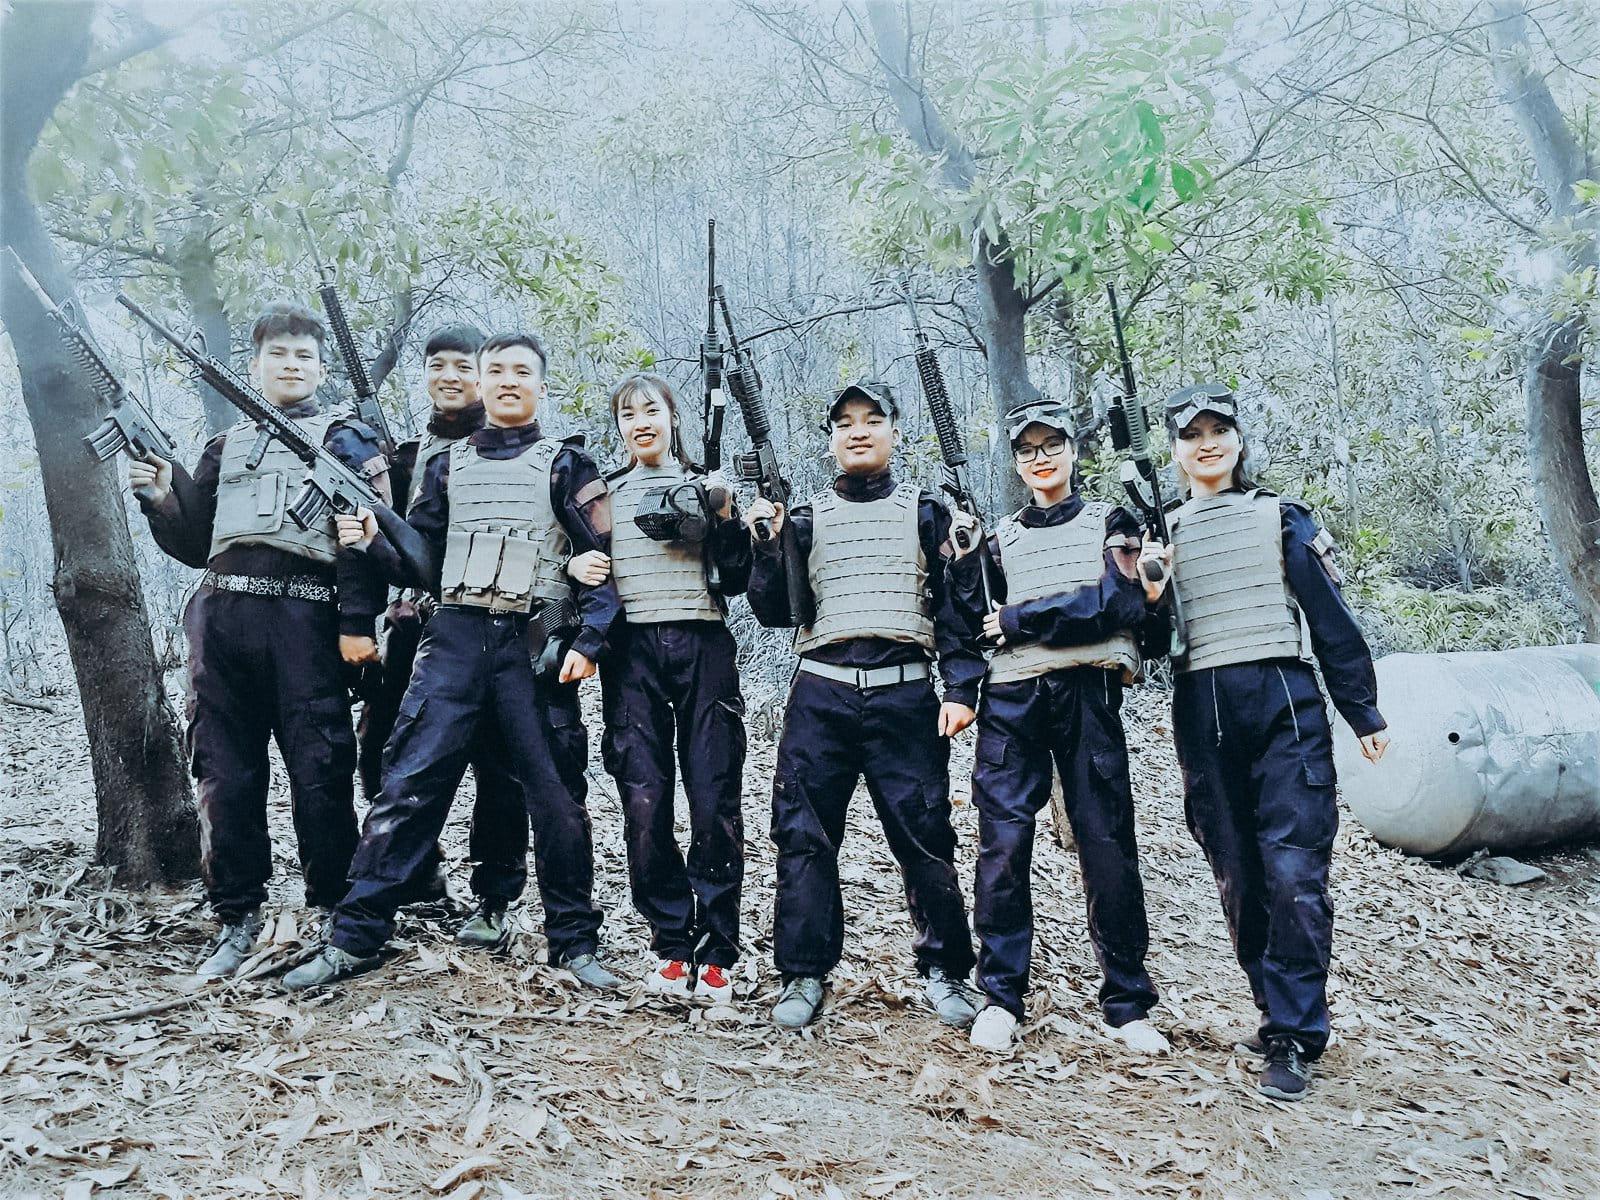 don-he-hoan-hao-tai-khu-resort-giua-rung-thong-xanh-trong-lanh-sat-xit-ha-noi-21